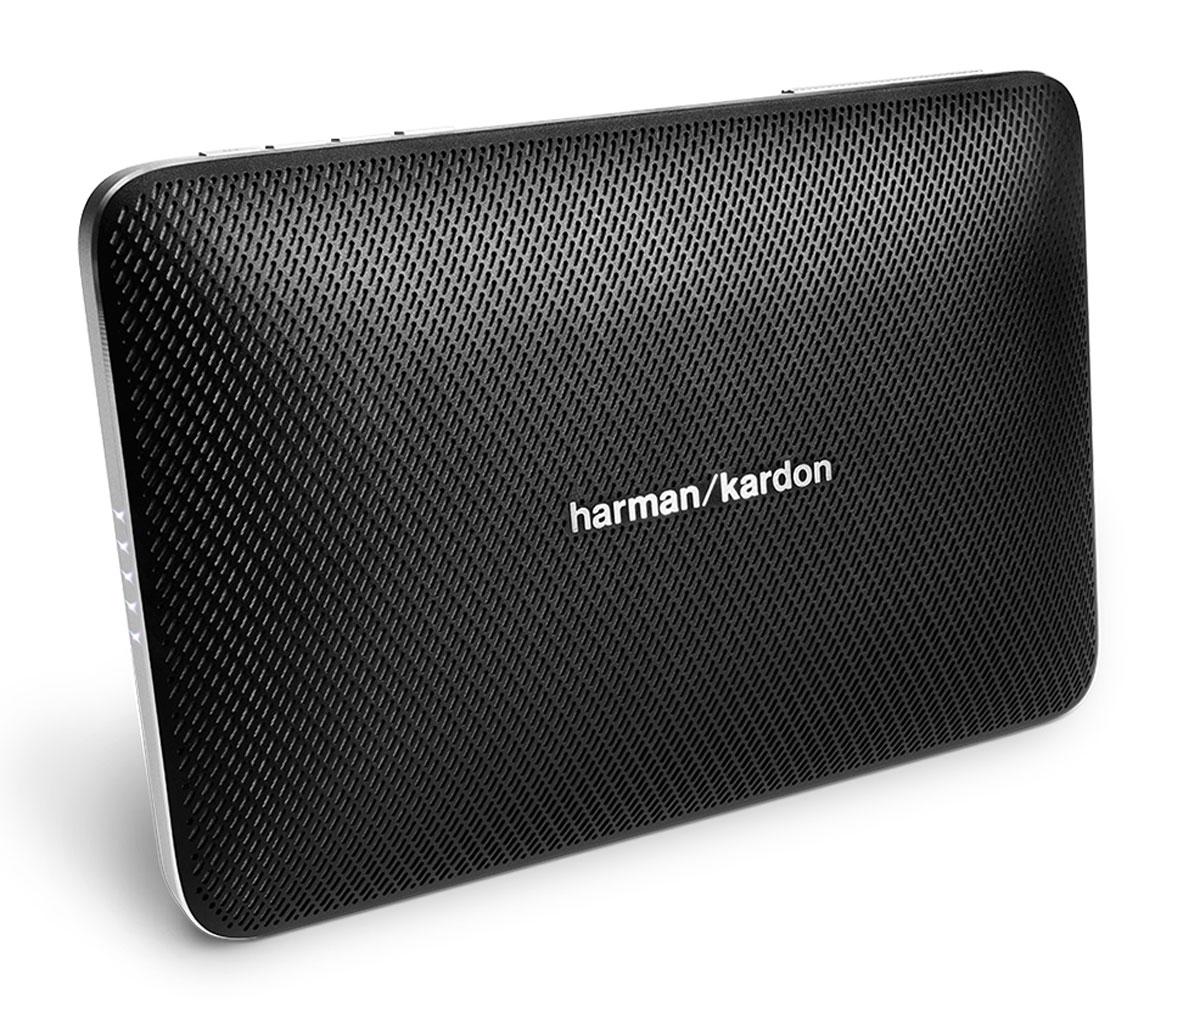 Беспроводная колонка Harman Kardon Esquire 2, Black